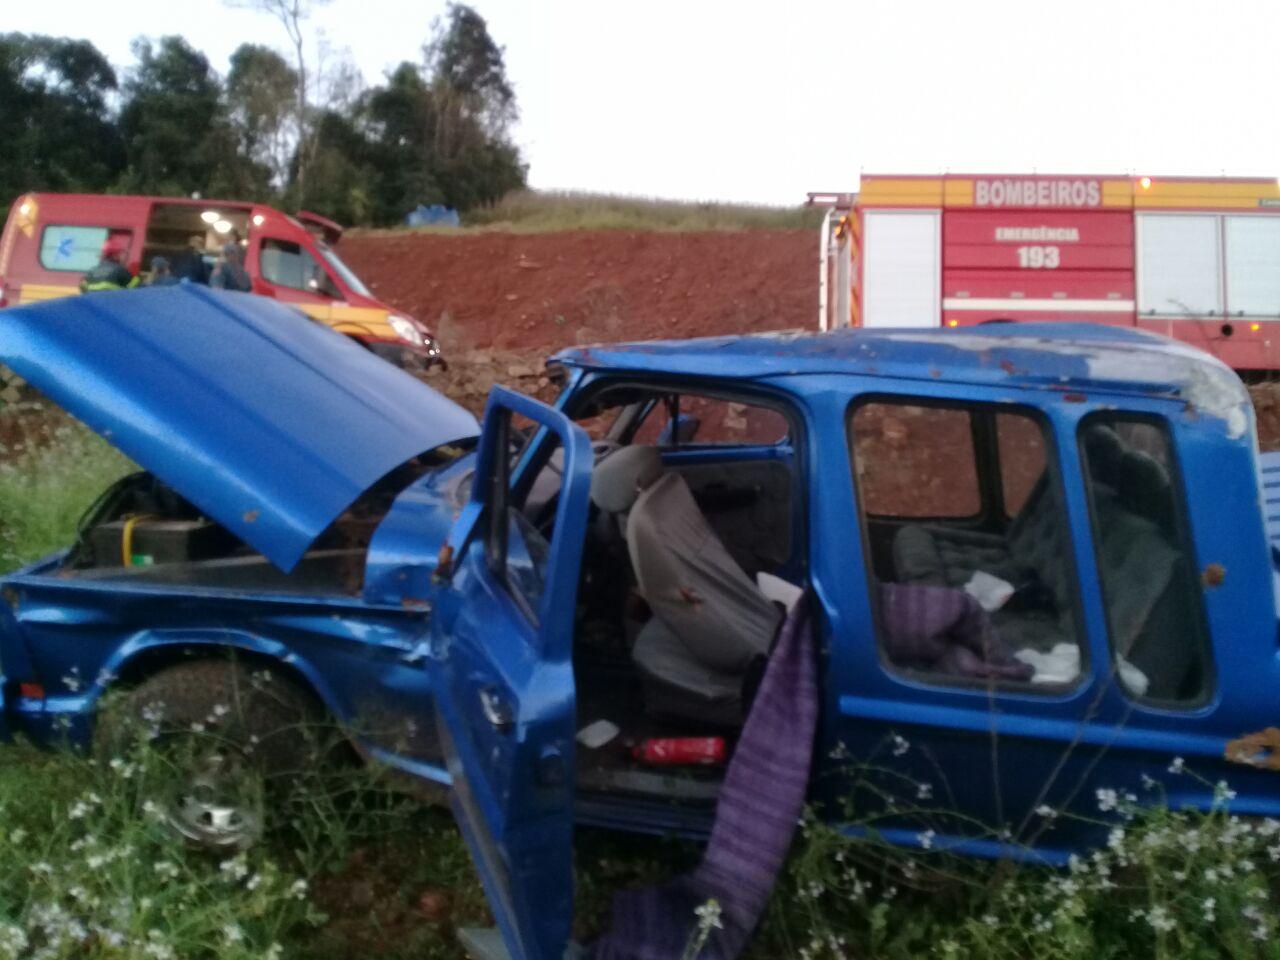 Casal de idosos fica ferido em capotamento de carro no interior de Cunha Porã